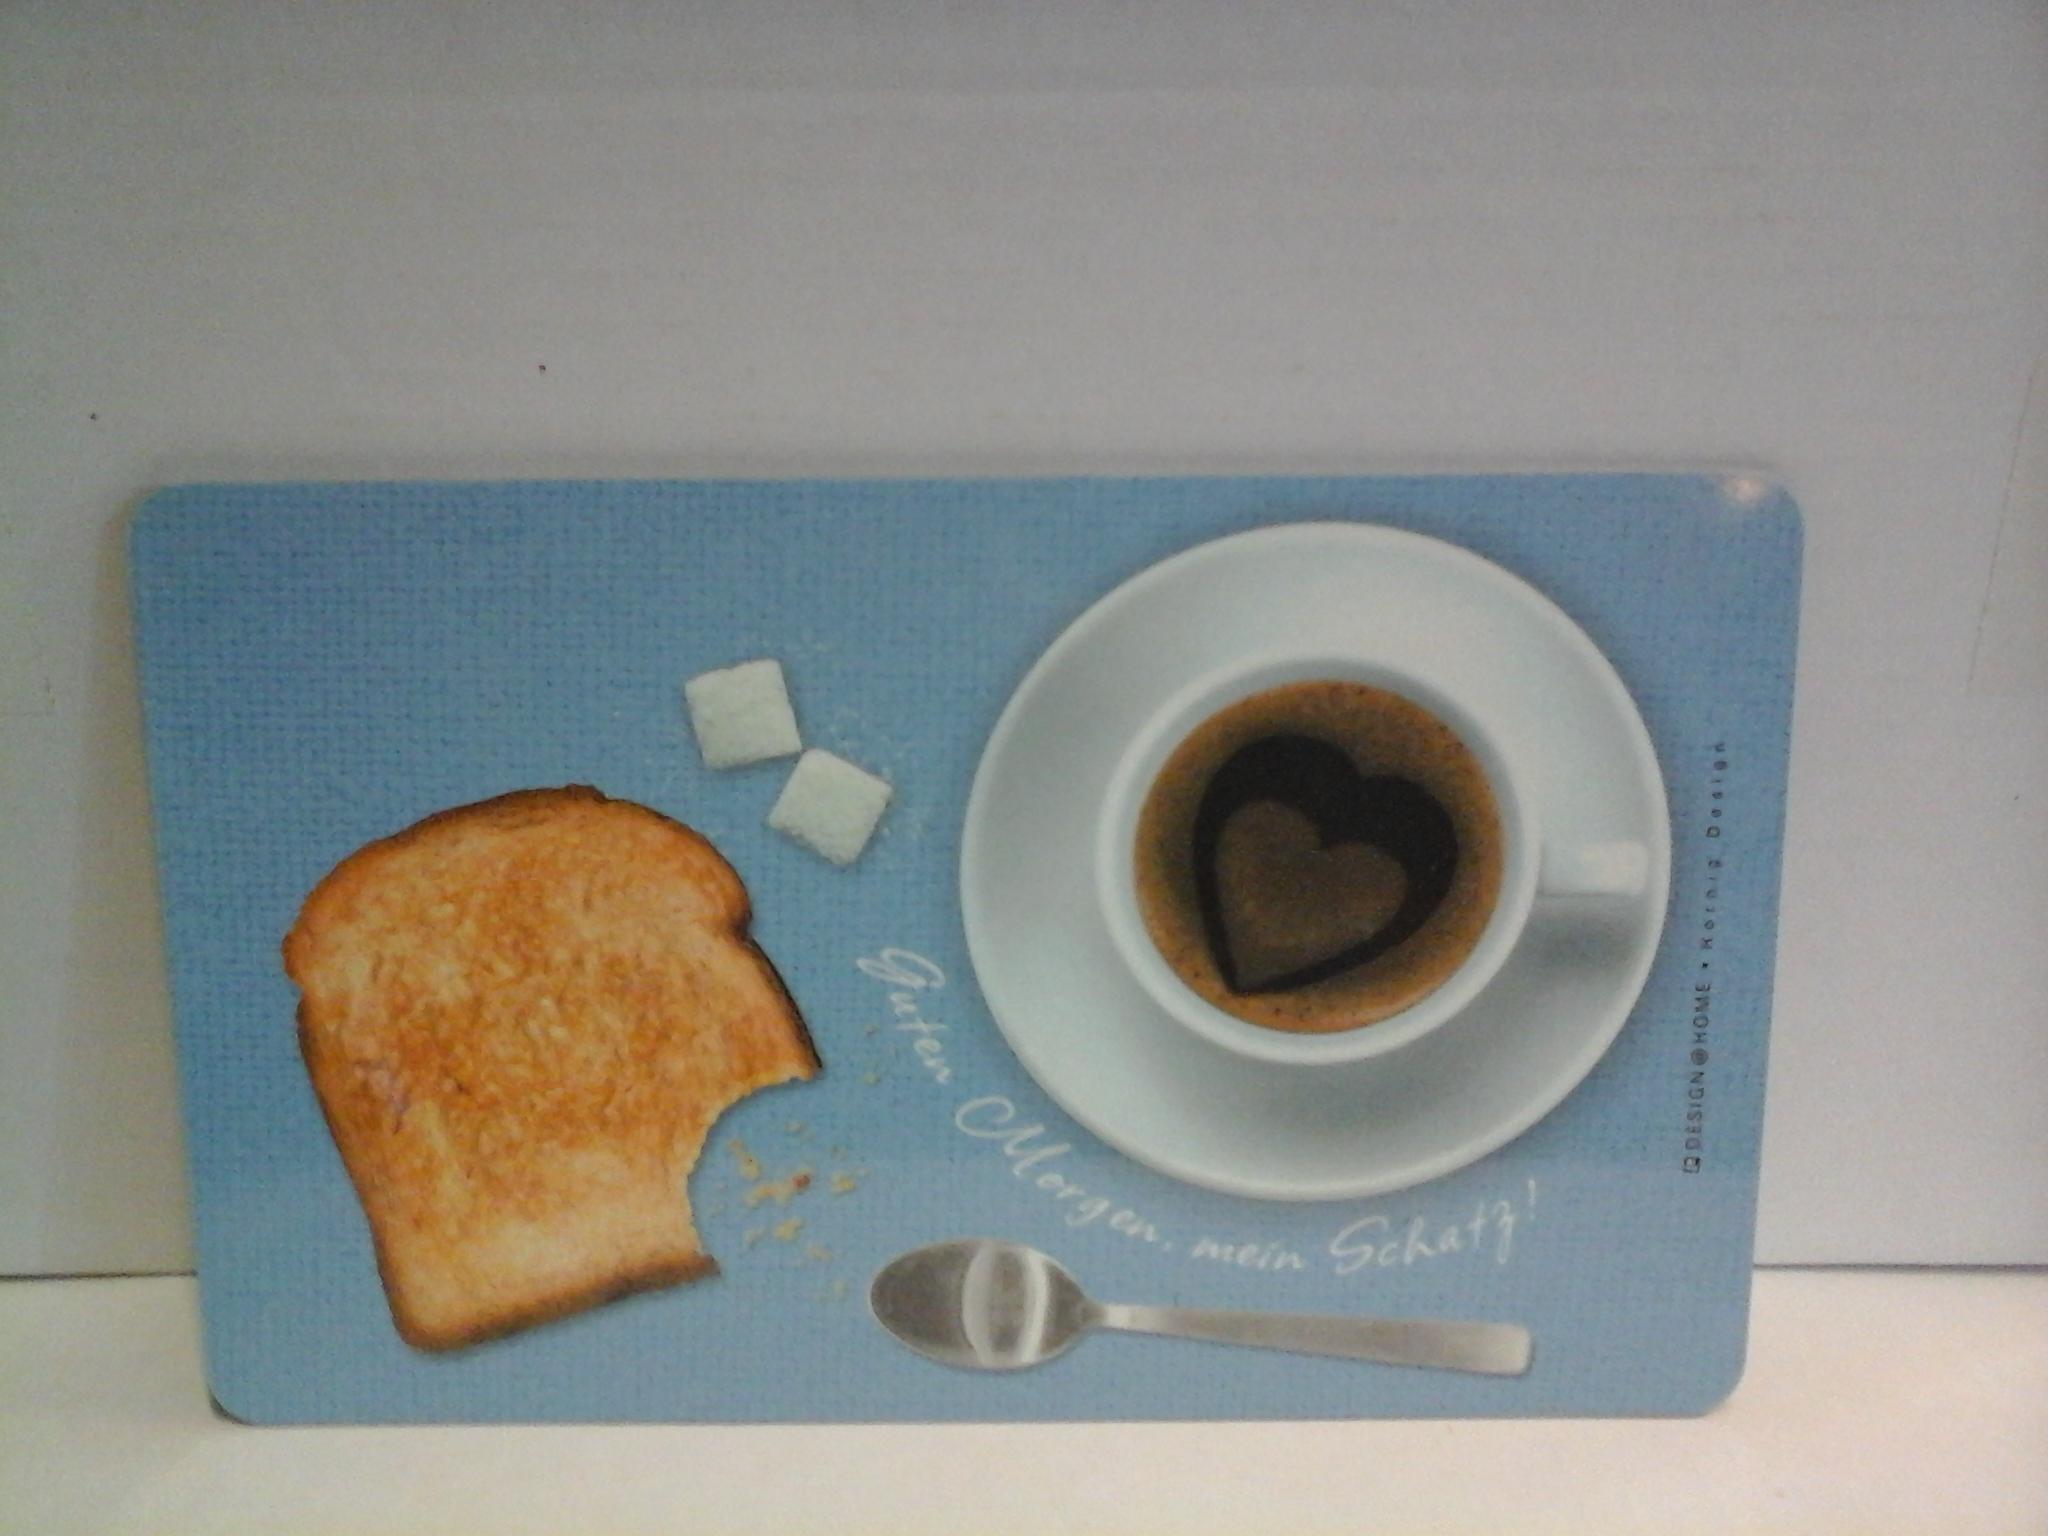 Frühstücksbrettchen Guten Morgen Mein Schatz